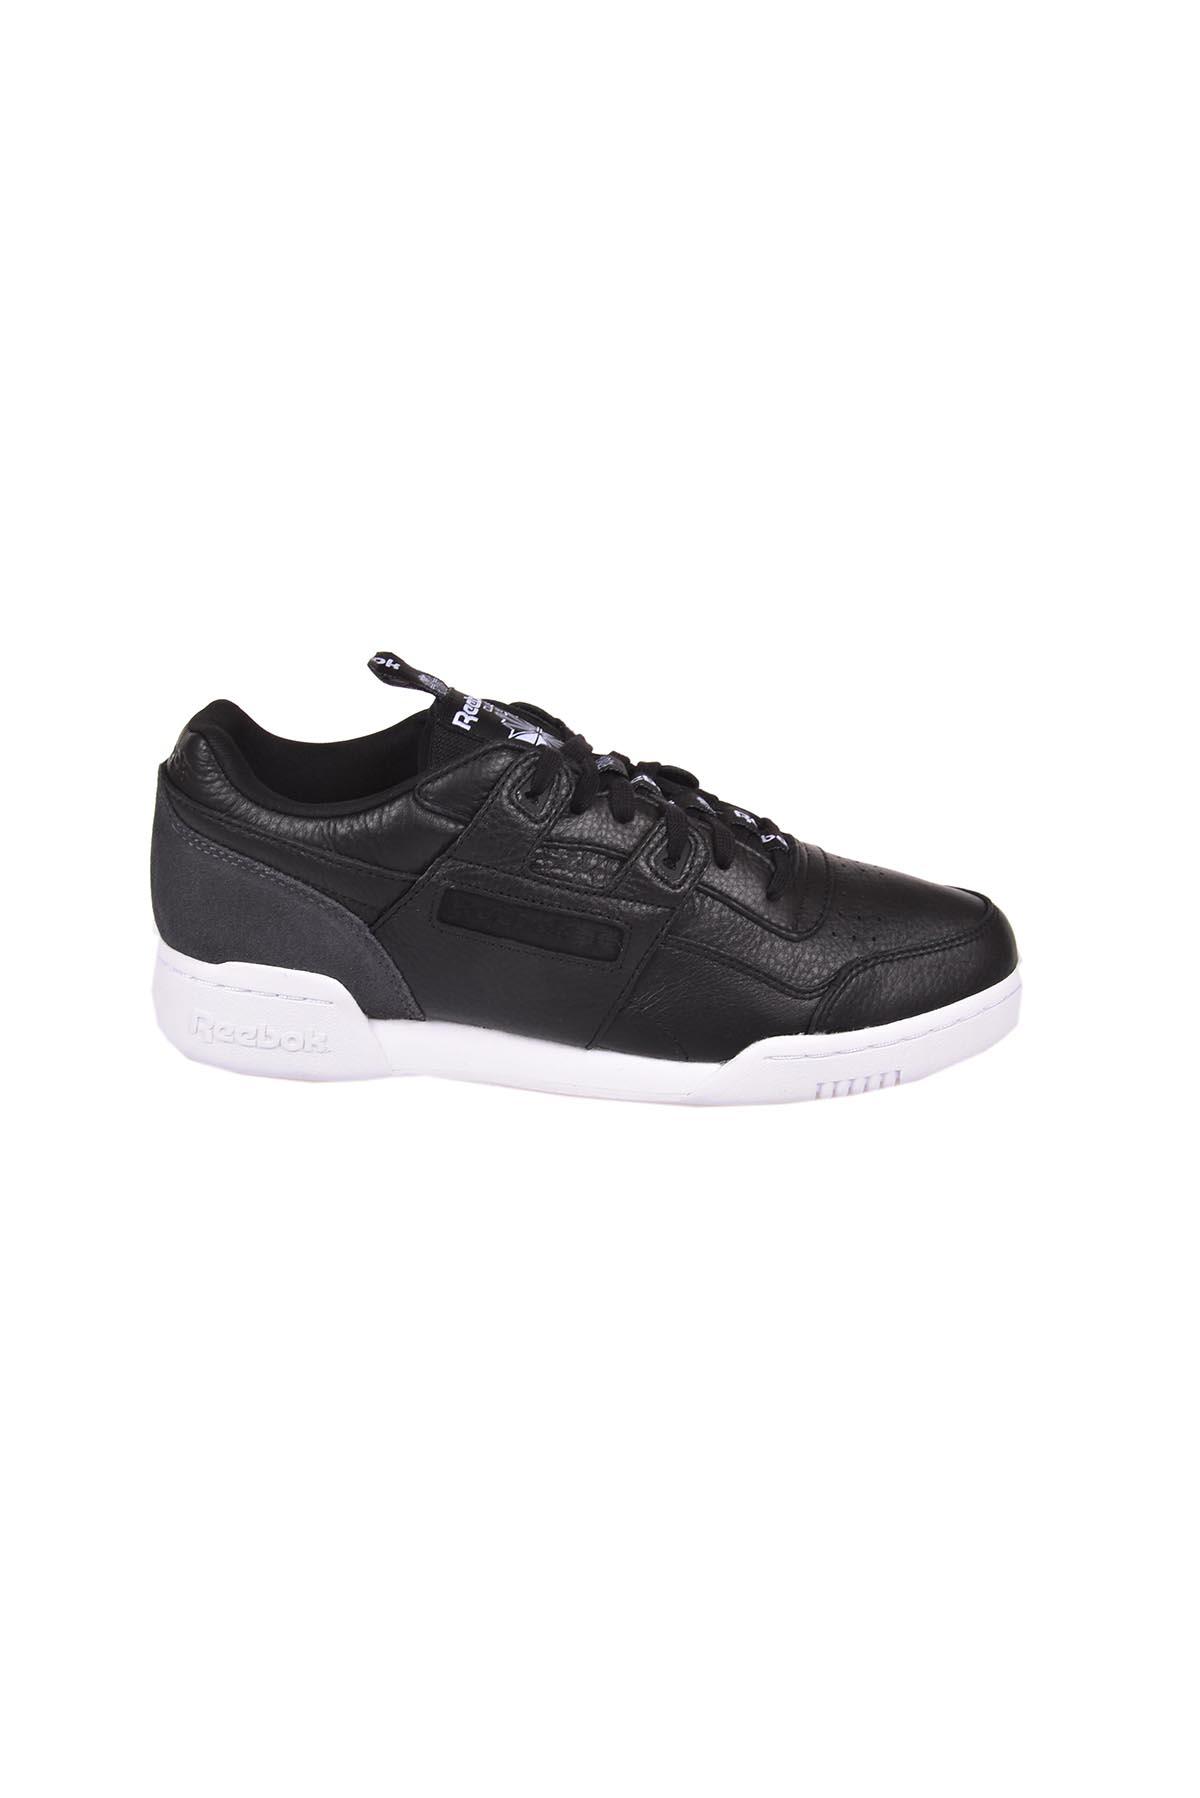 Reebok Workout Plus It Sneakers